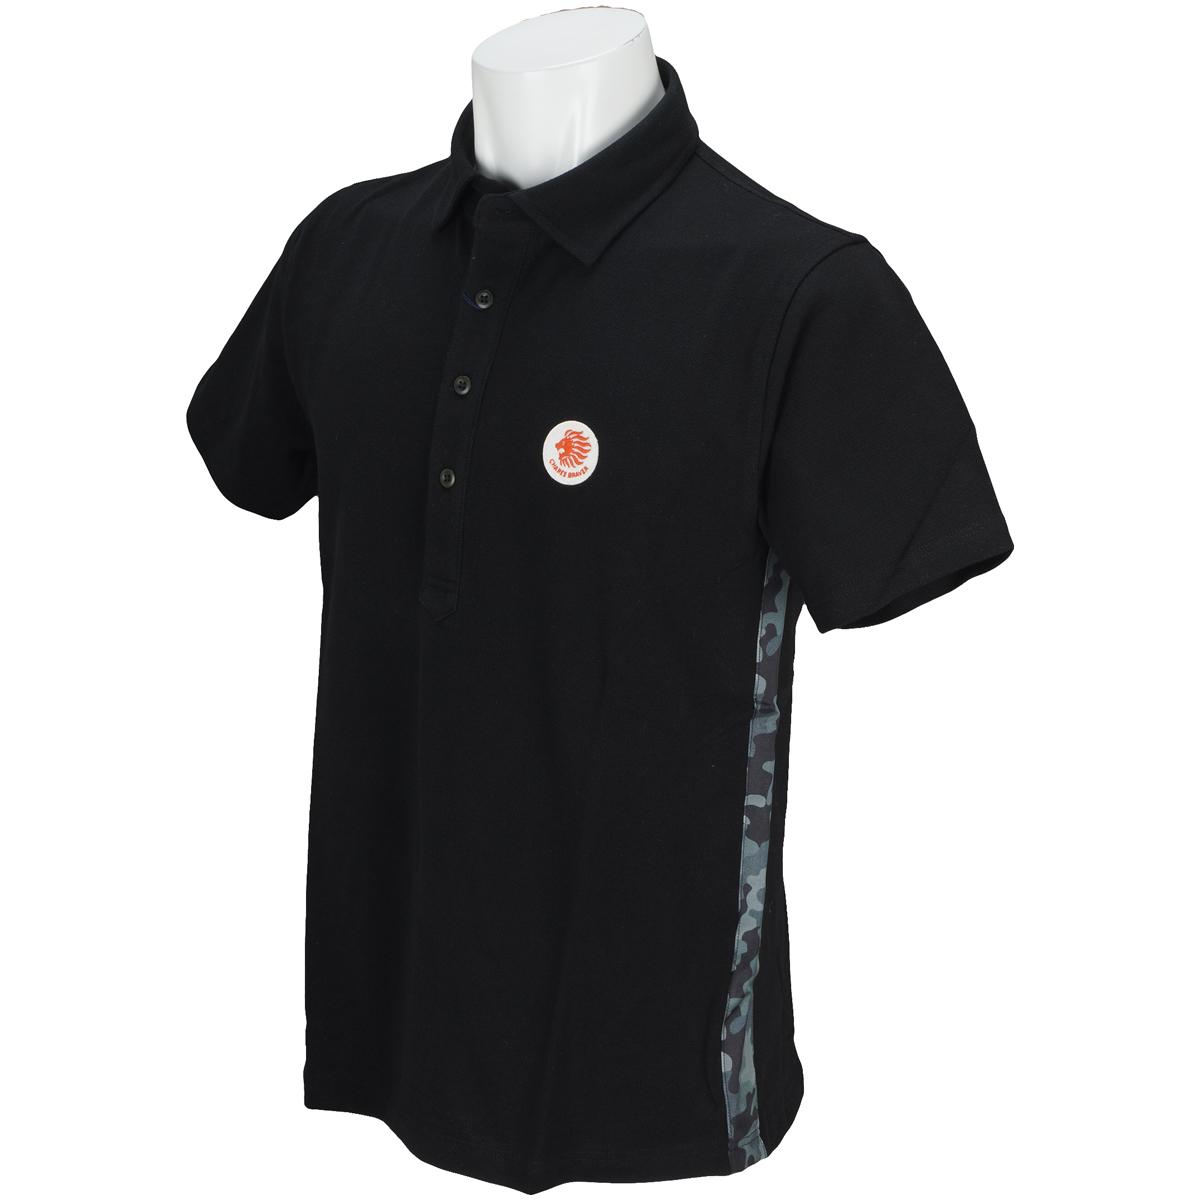 カモフラ使い半袖ポロシャツ